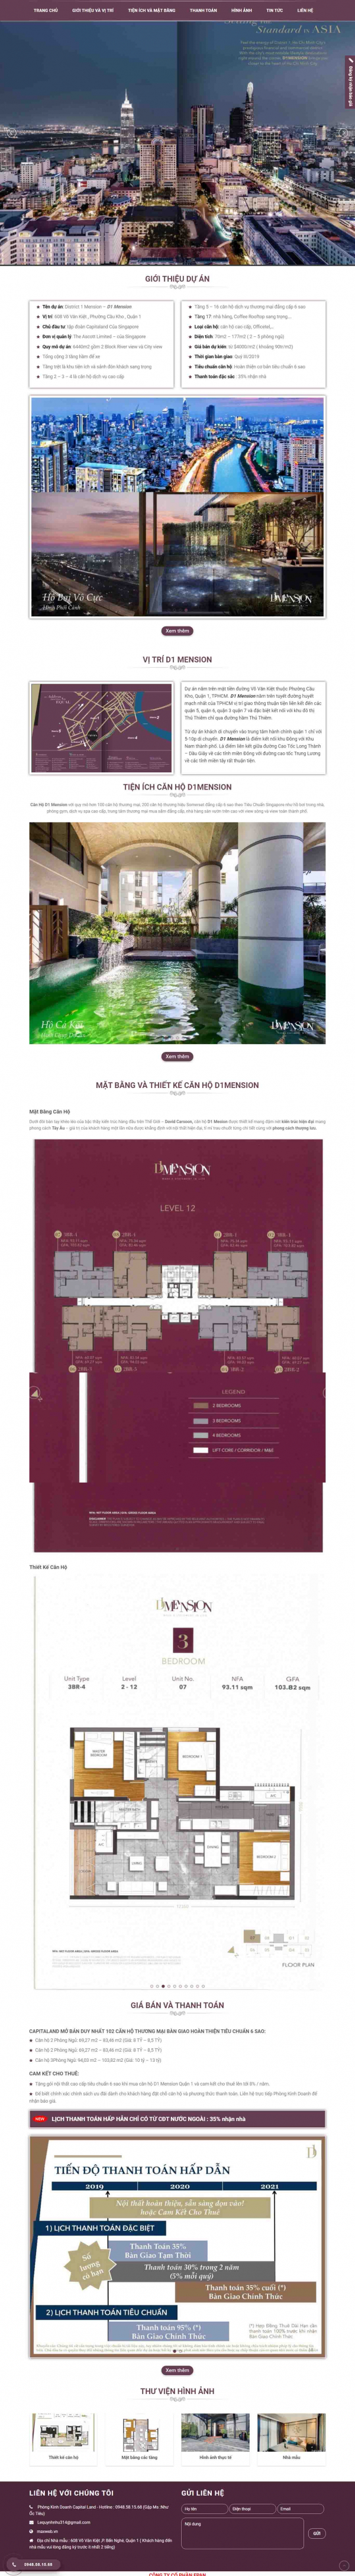 Mẫu giao diện thiết kế website mua bán căn hộ